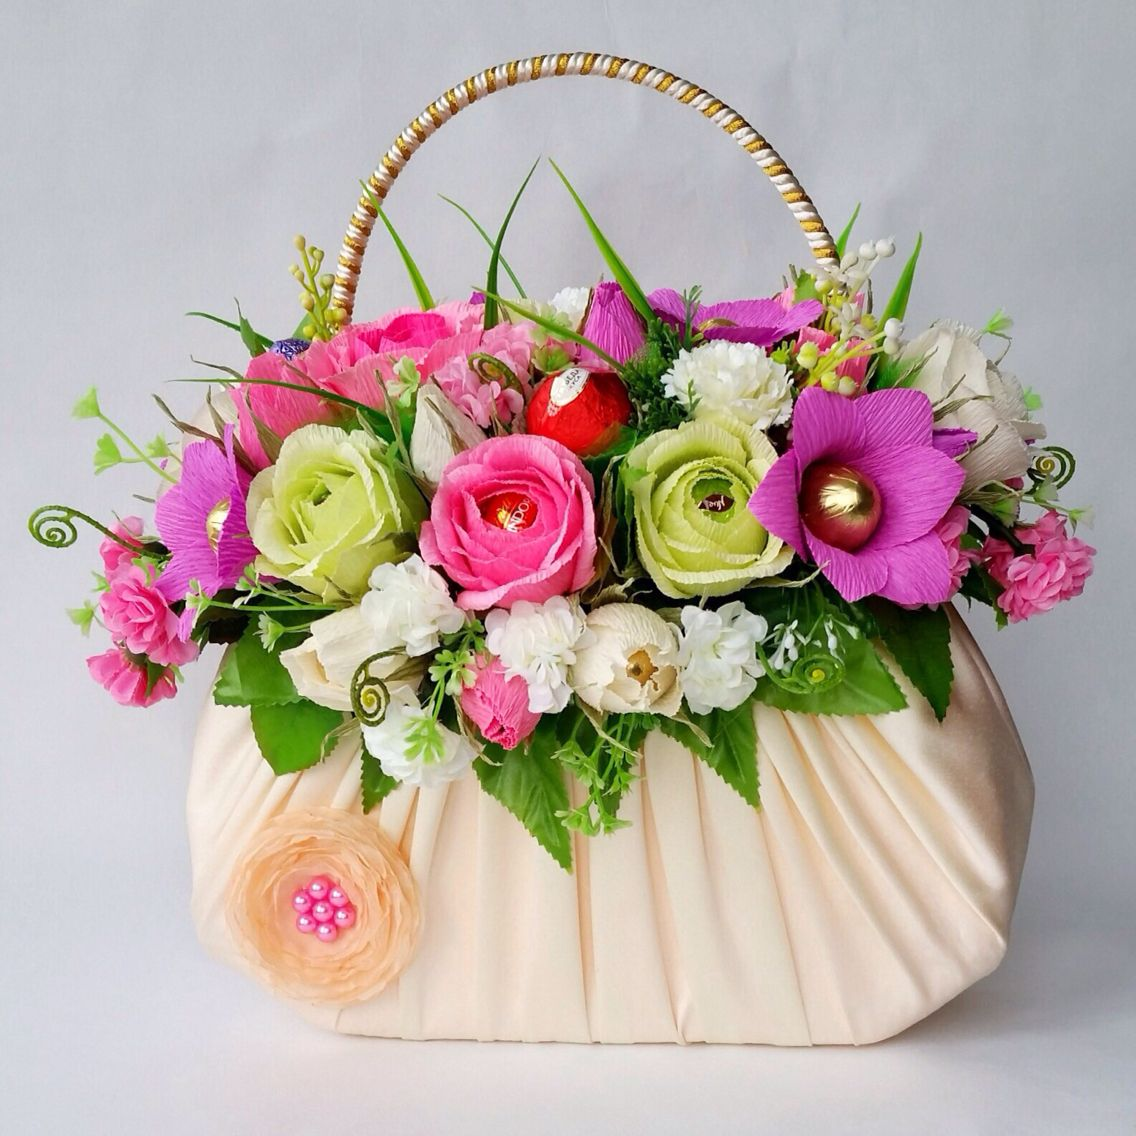 кто-нибудь них букеты цветов фото в декоративных сумках всегда